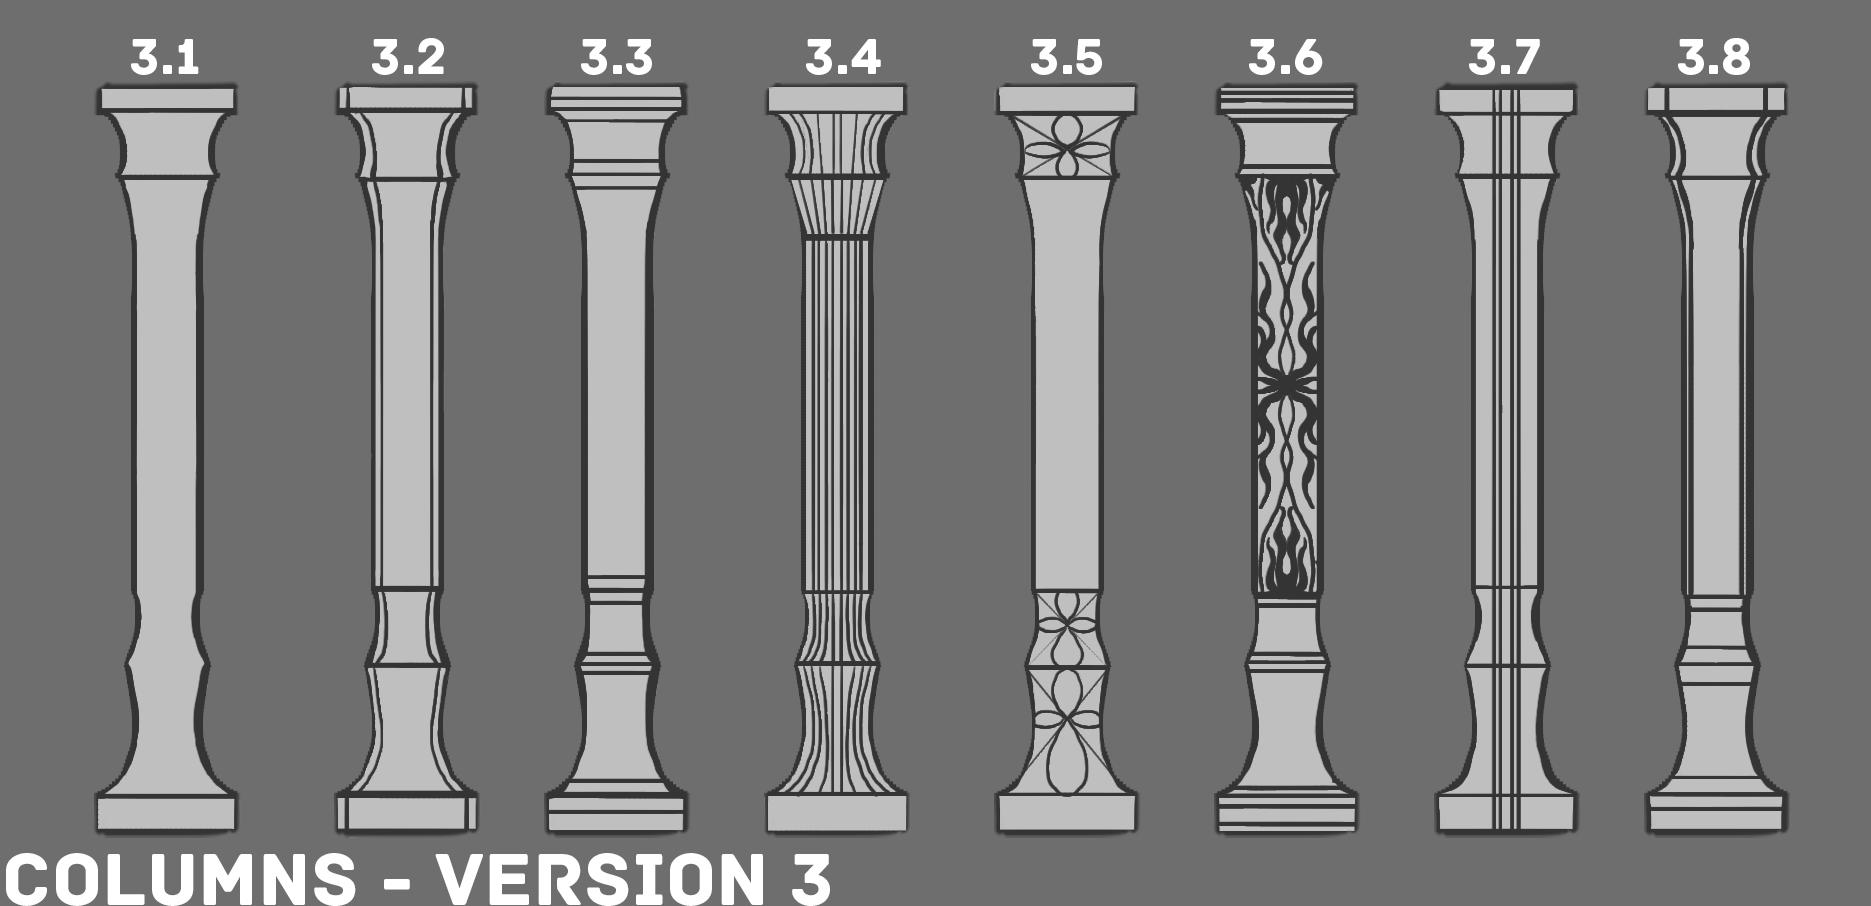 2c ED1 Column Sketches V3